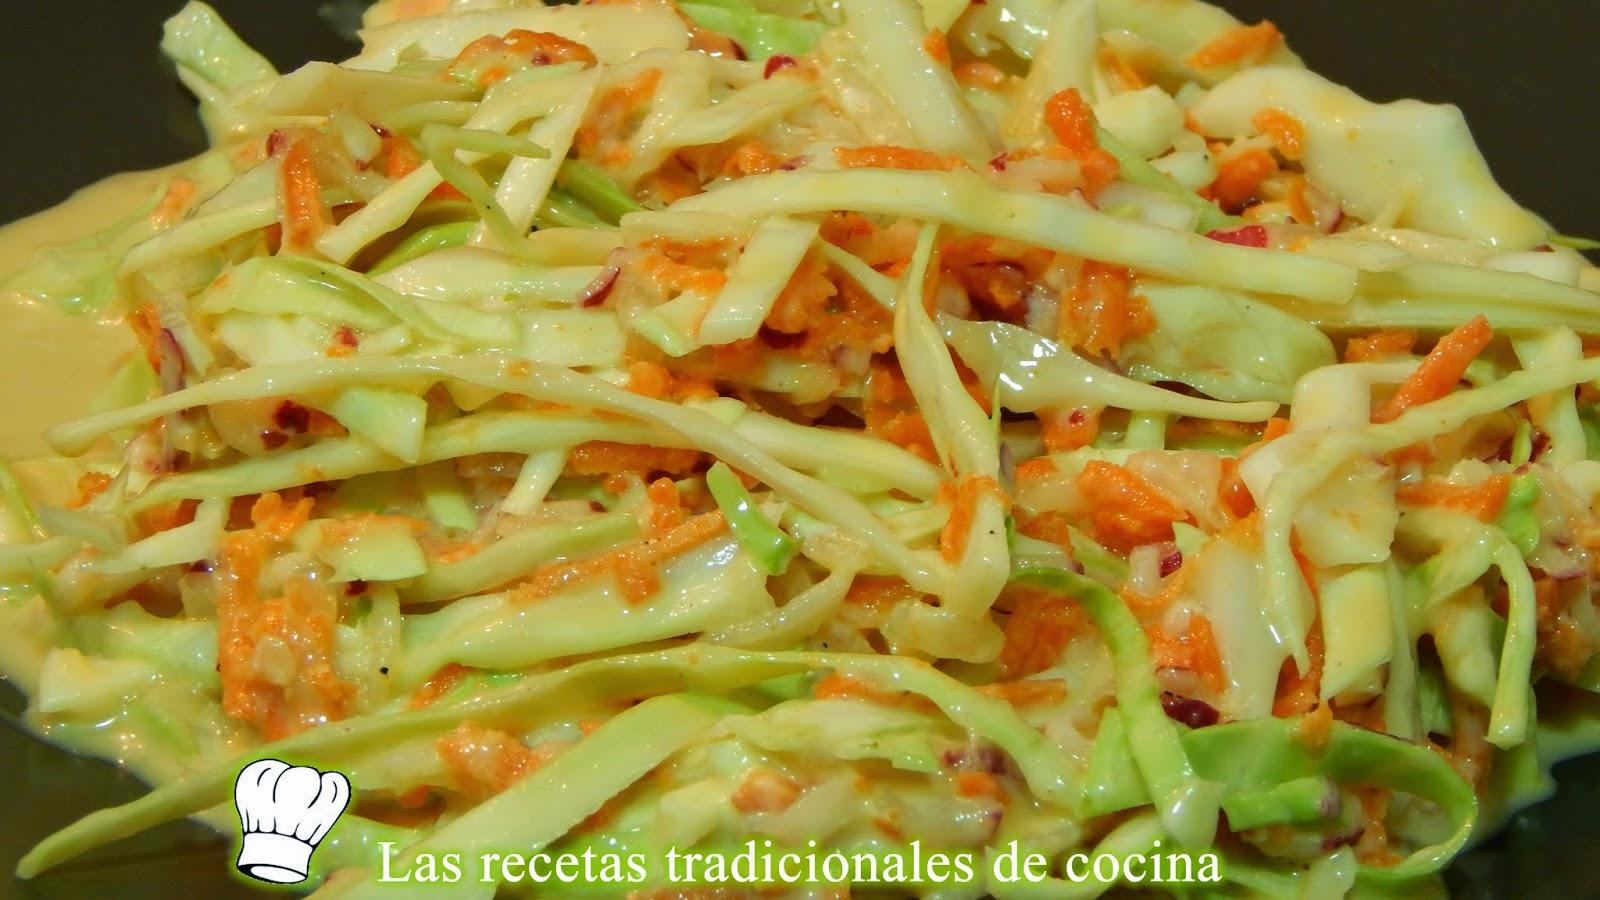 Receta f cil de ensalada agridulce de repollo y zanahorias for Como se cocina la col